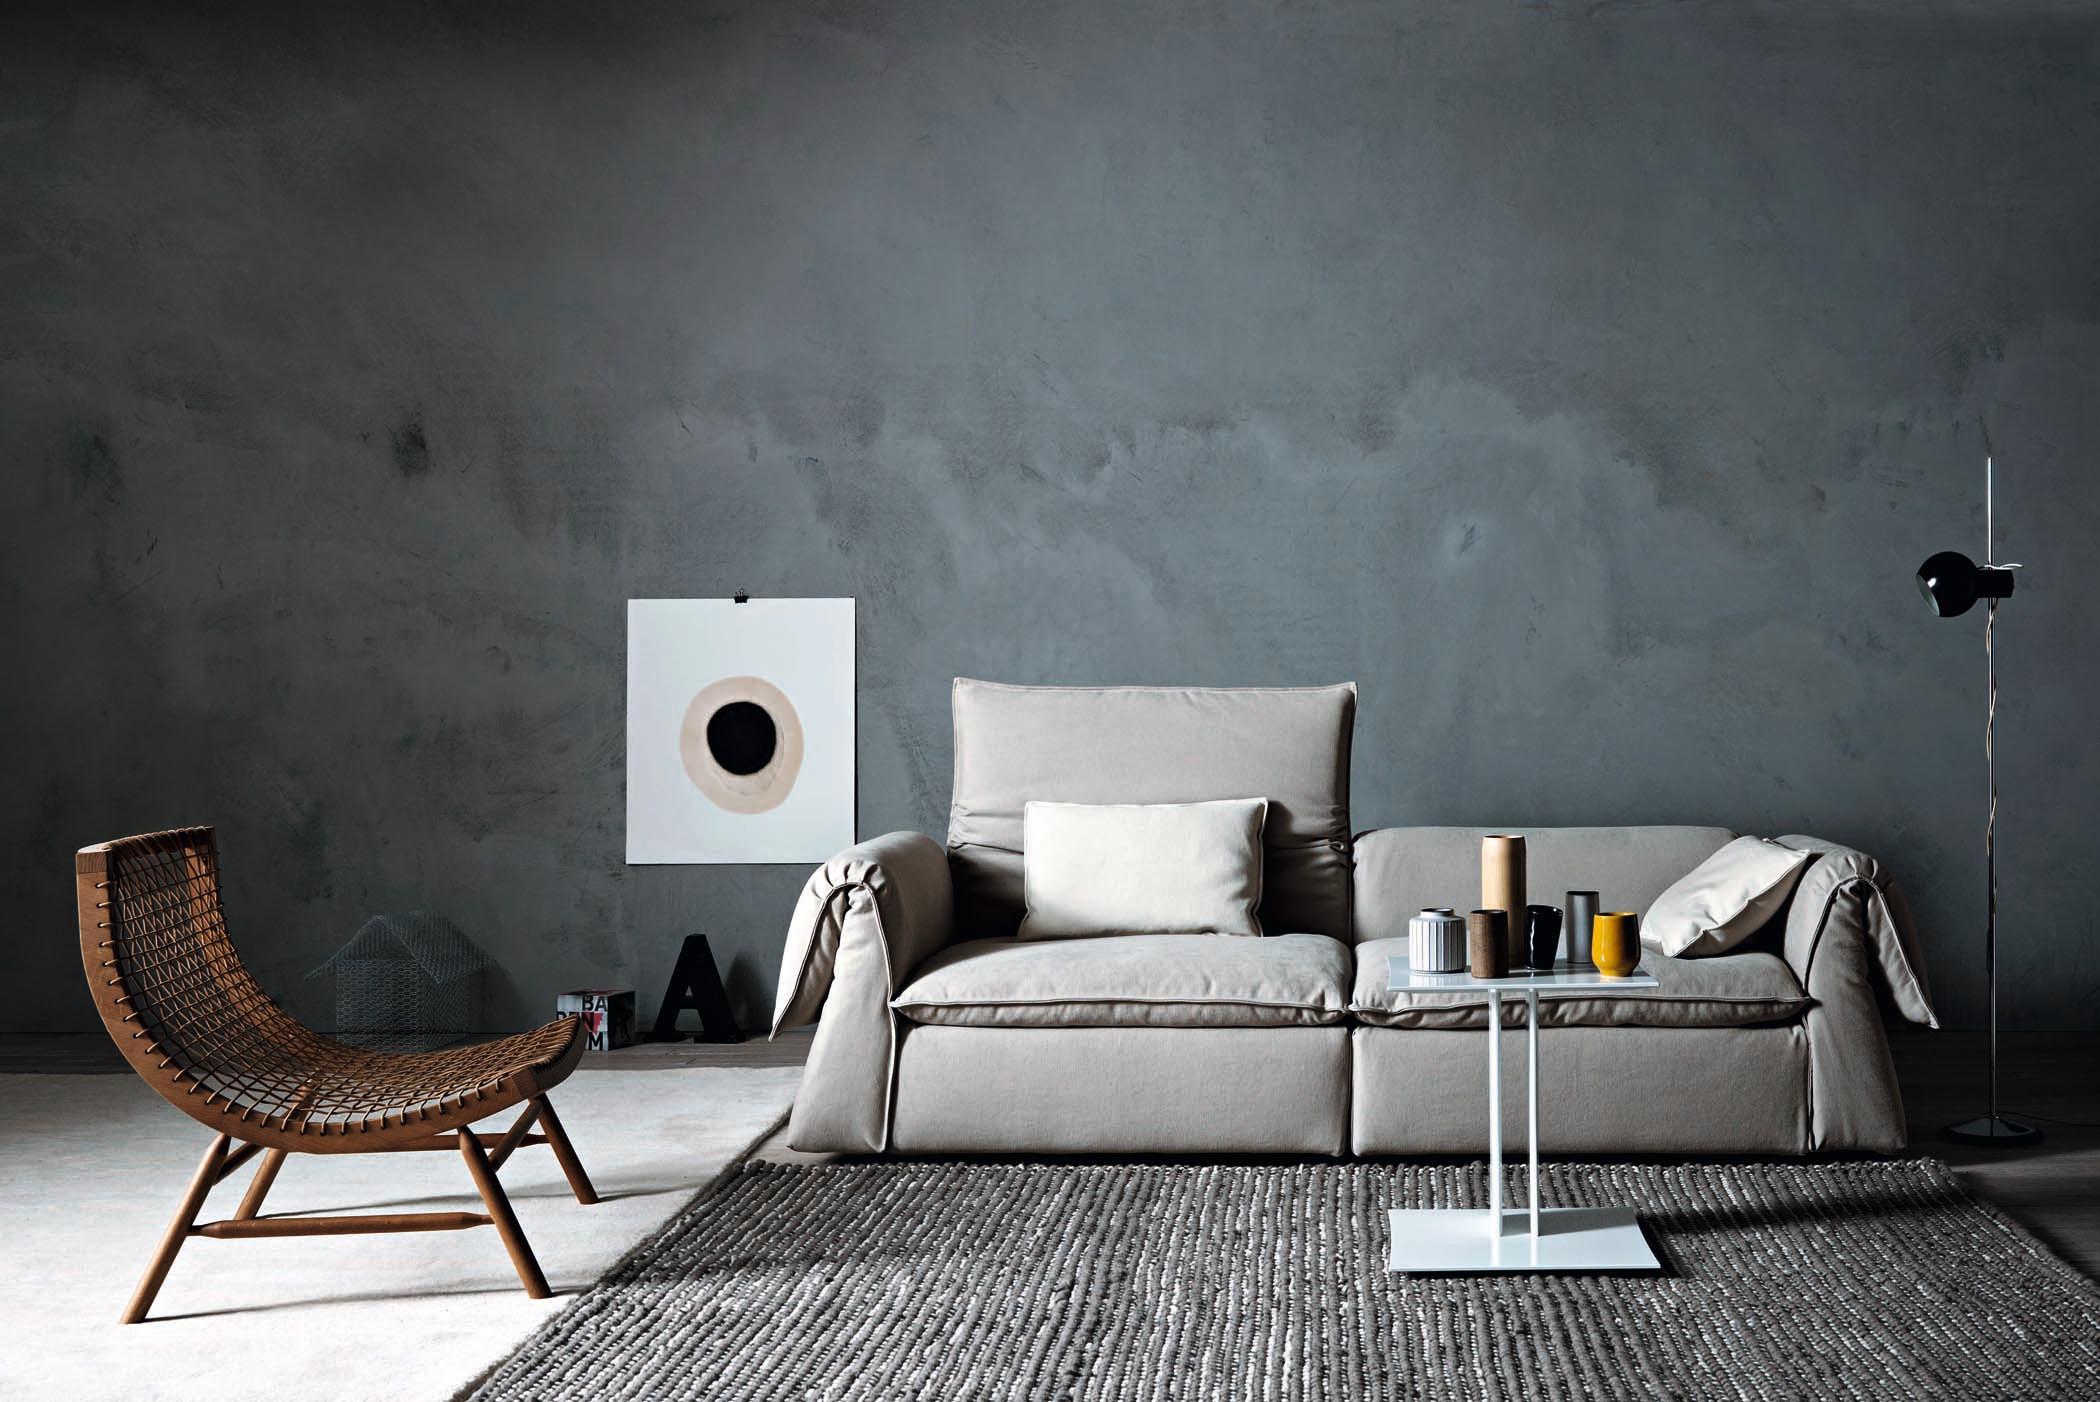 Full Size of Modernes Bett Moderne Bilder Fürs Wohnzimmer Duschen Esstische Landhausküche 180x200 Sofa Deckenleuchte Wohnzimmer Moderne Wandfarben